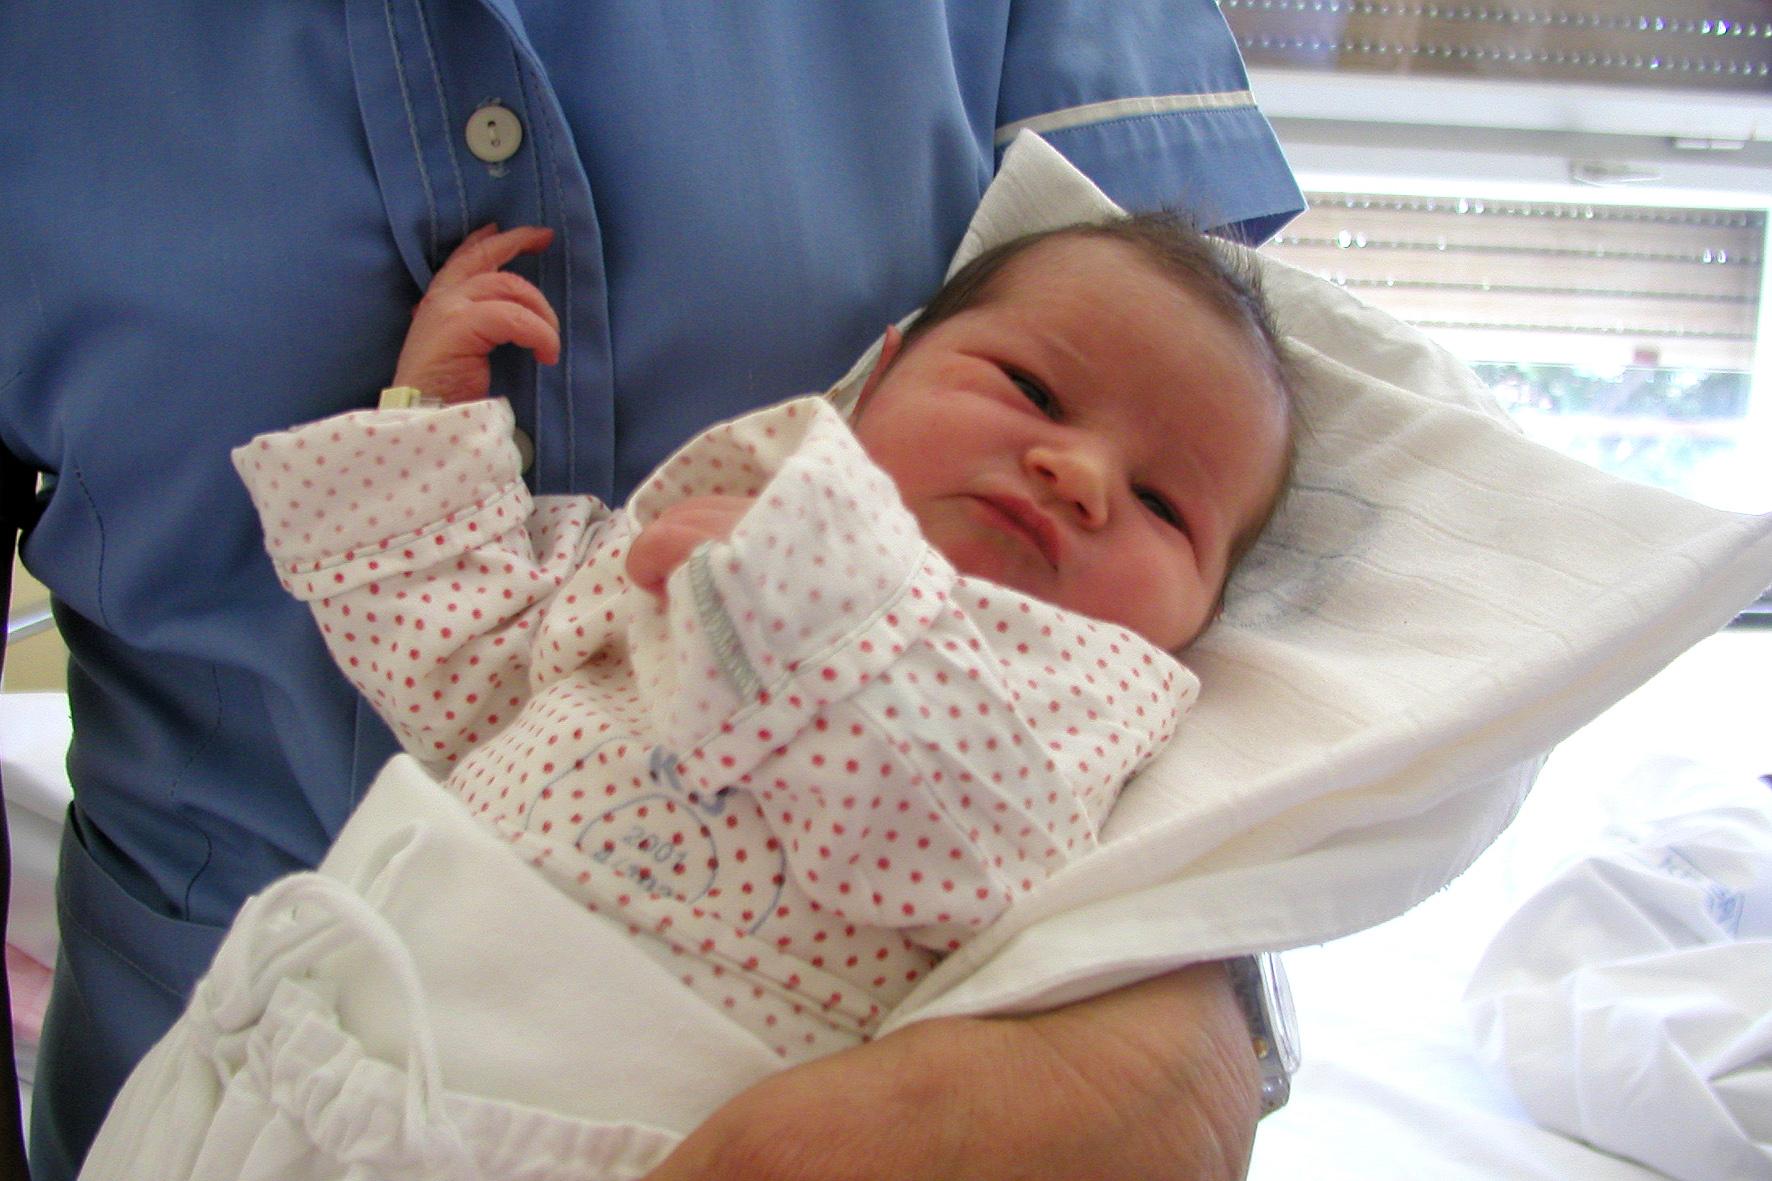 Yenidoğan bebek bakımında en çok merak edilenler